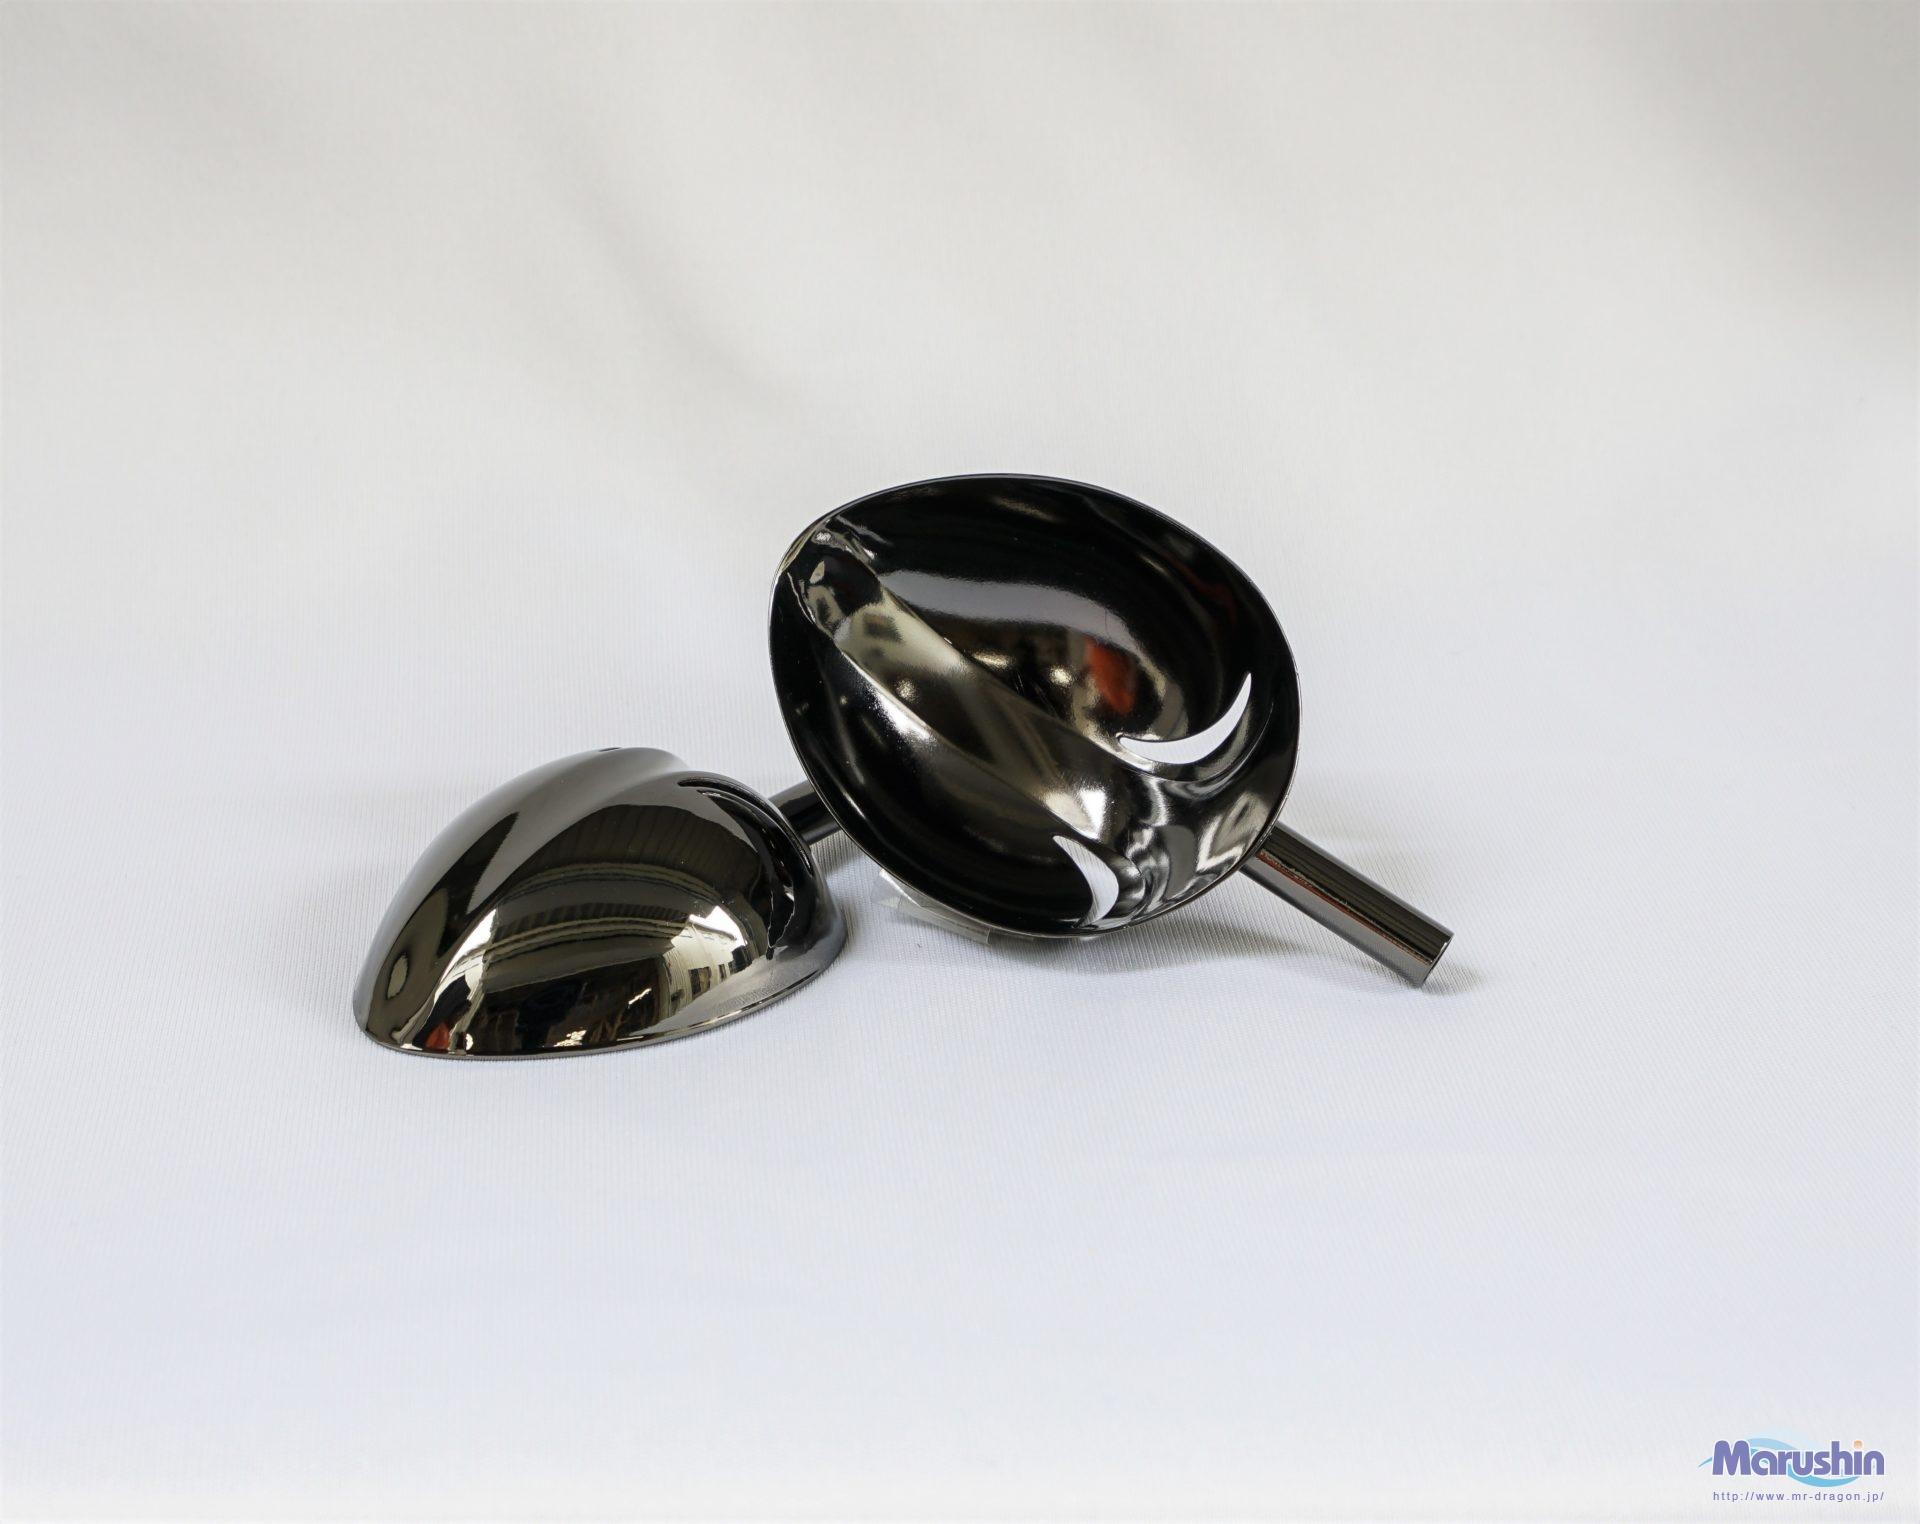 ブロンズカップ S、M、Lイメージ画像